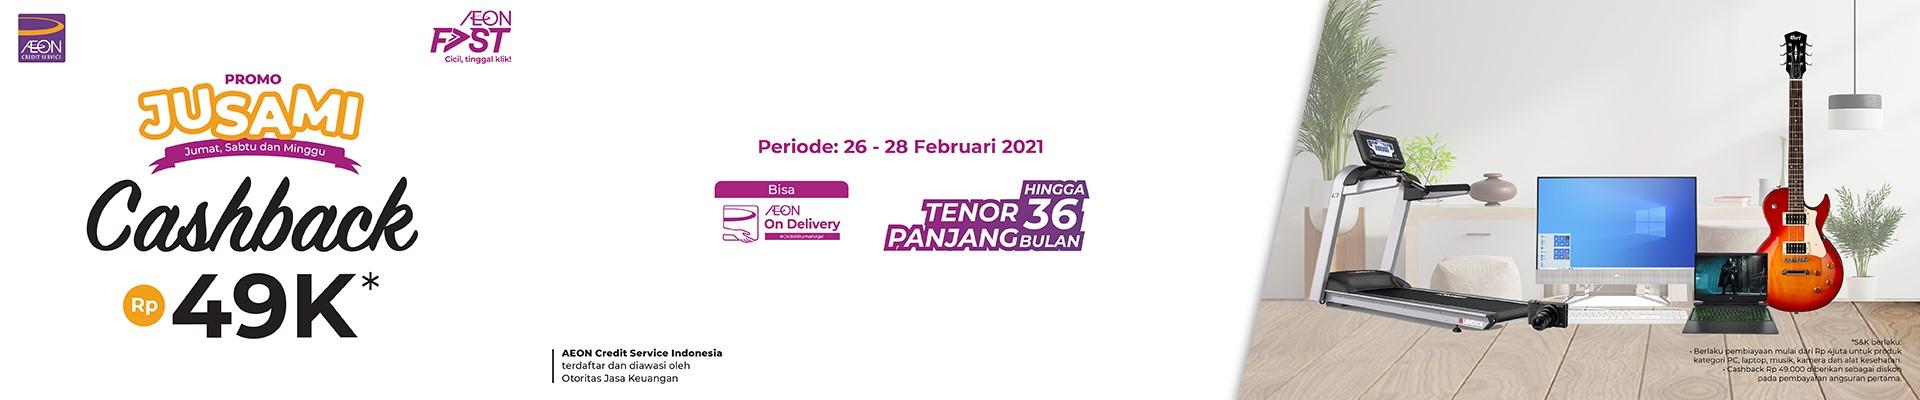 Ajukan dan Dapatkan Cashback JUSAMI Rp 49RIBU Weekend Ini sampai dengan 28 Februari 2021